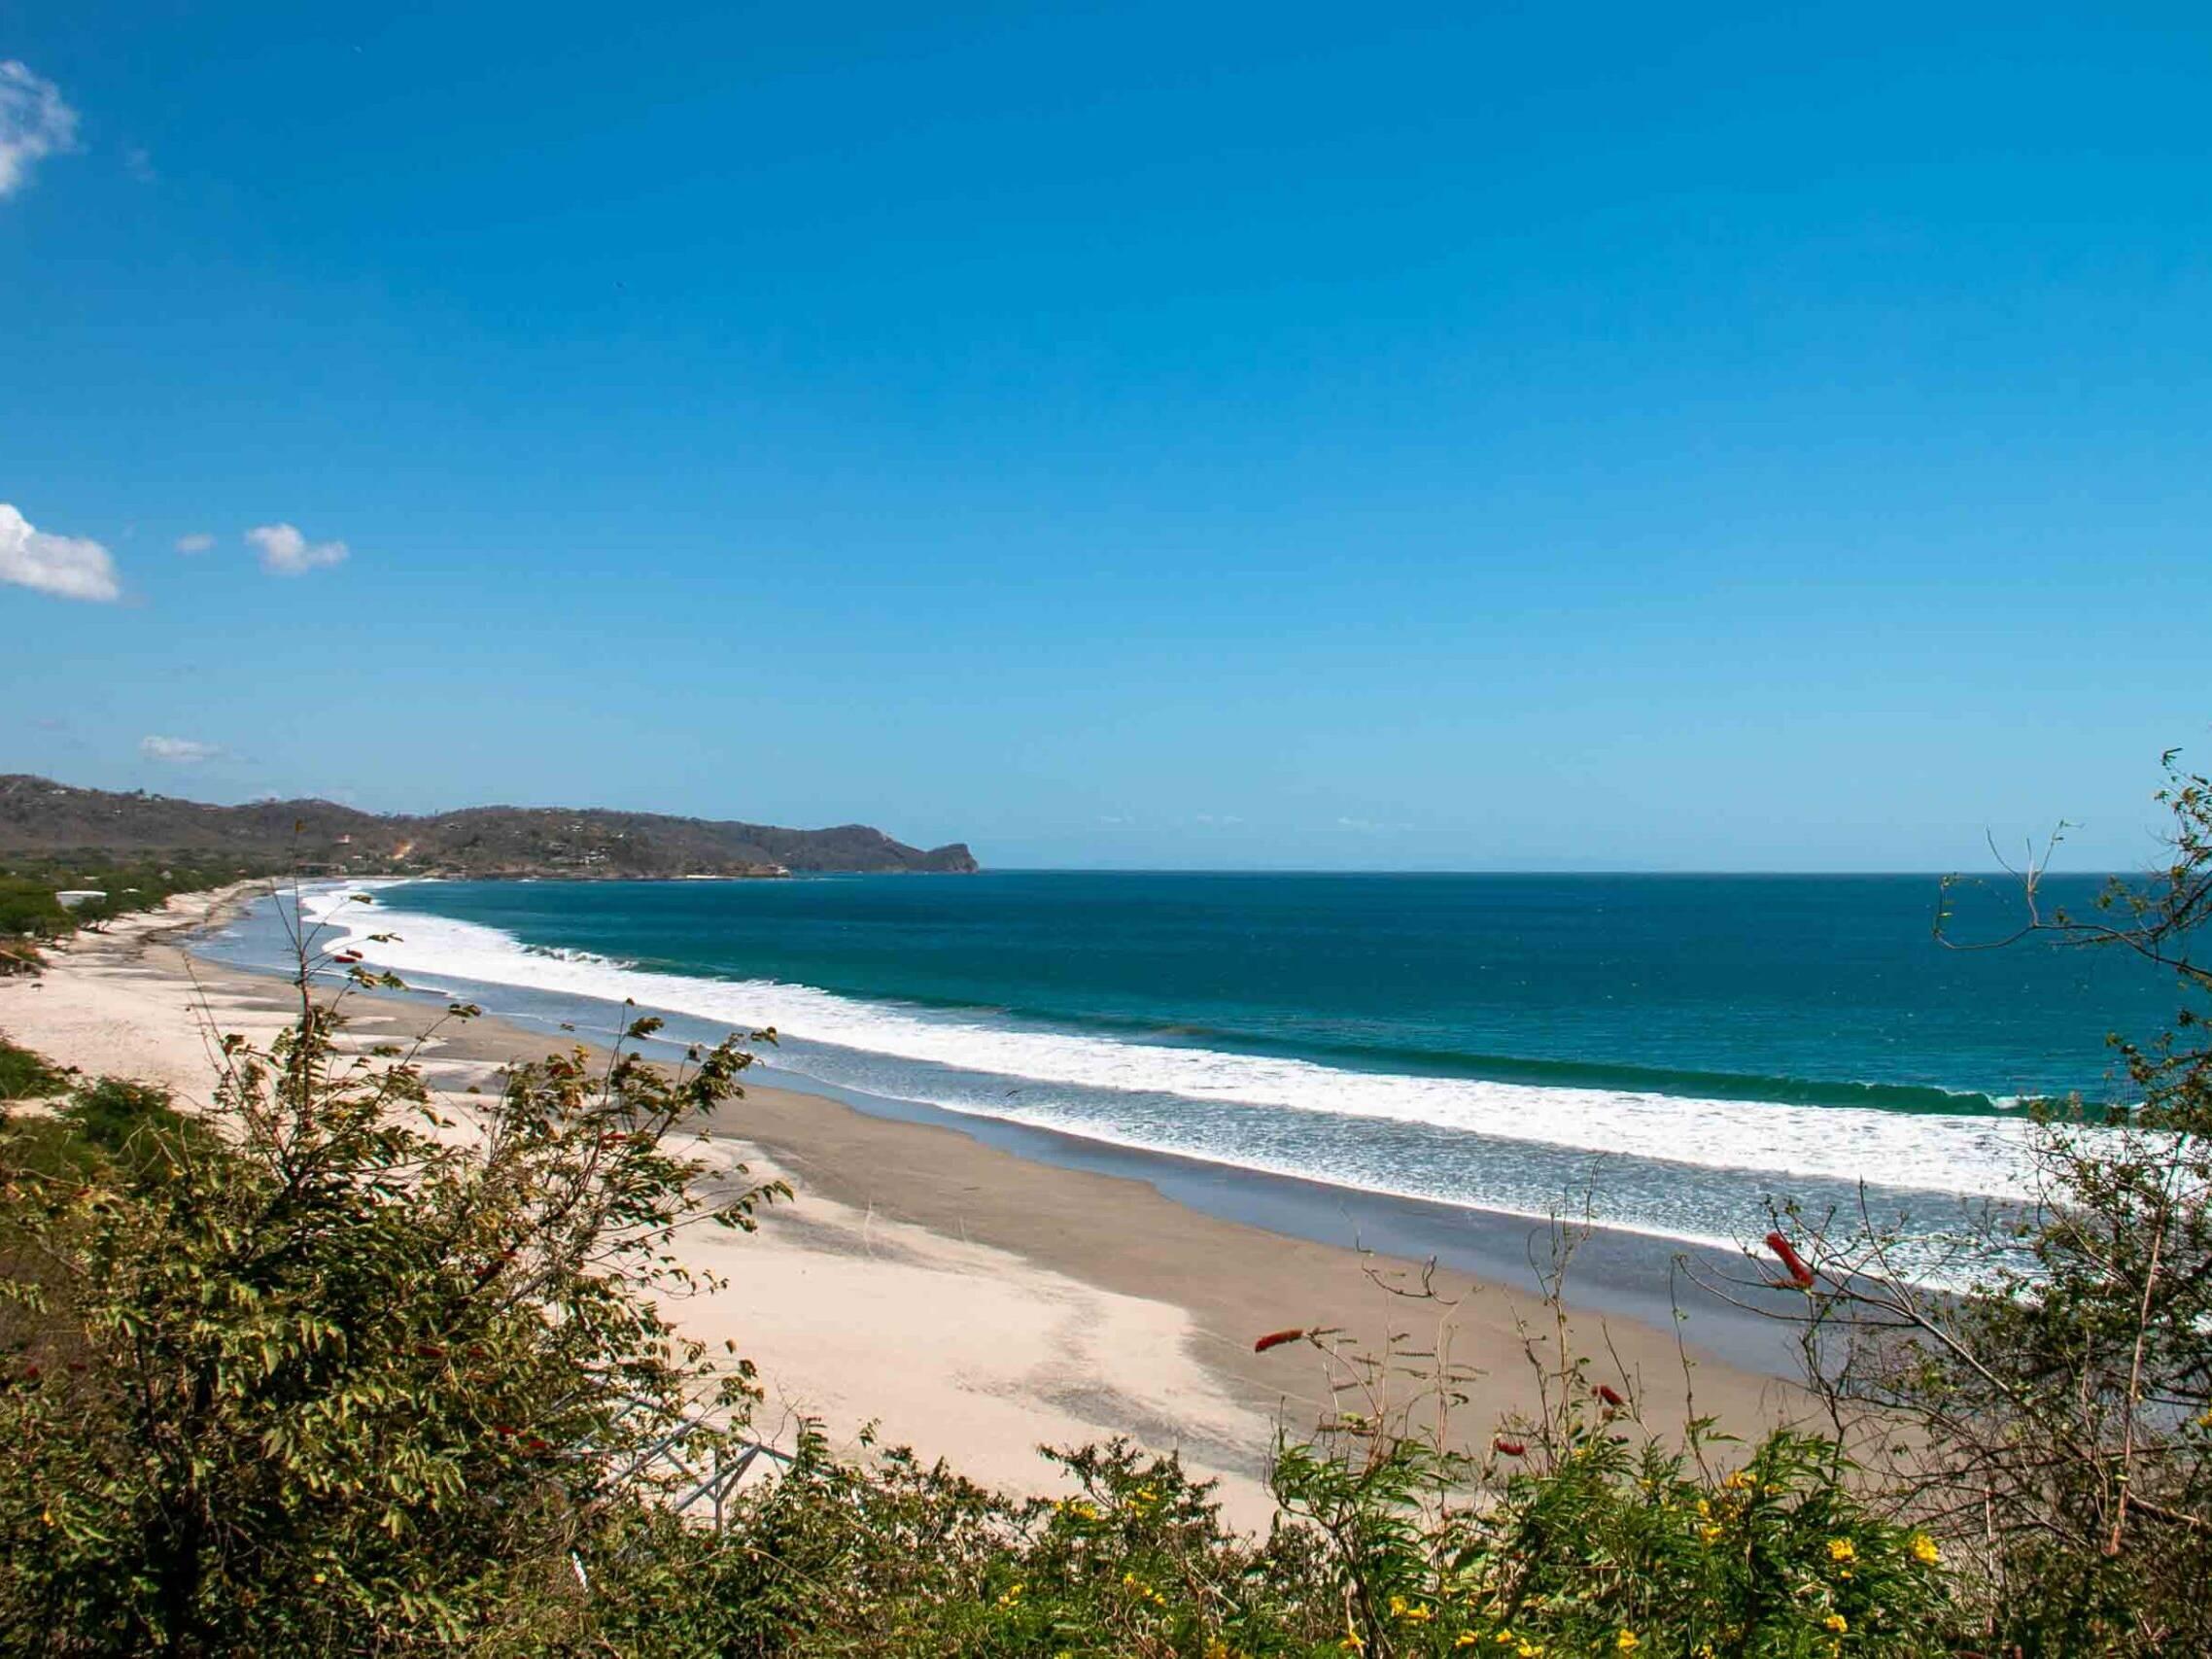 Playa Santana in Nicaragua